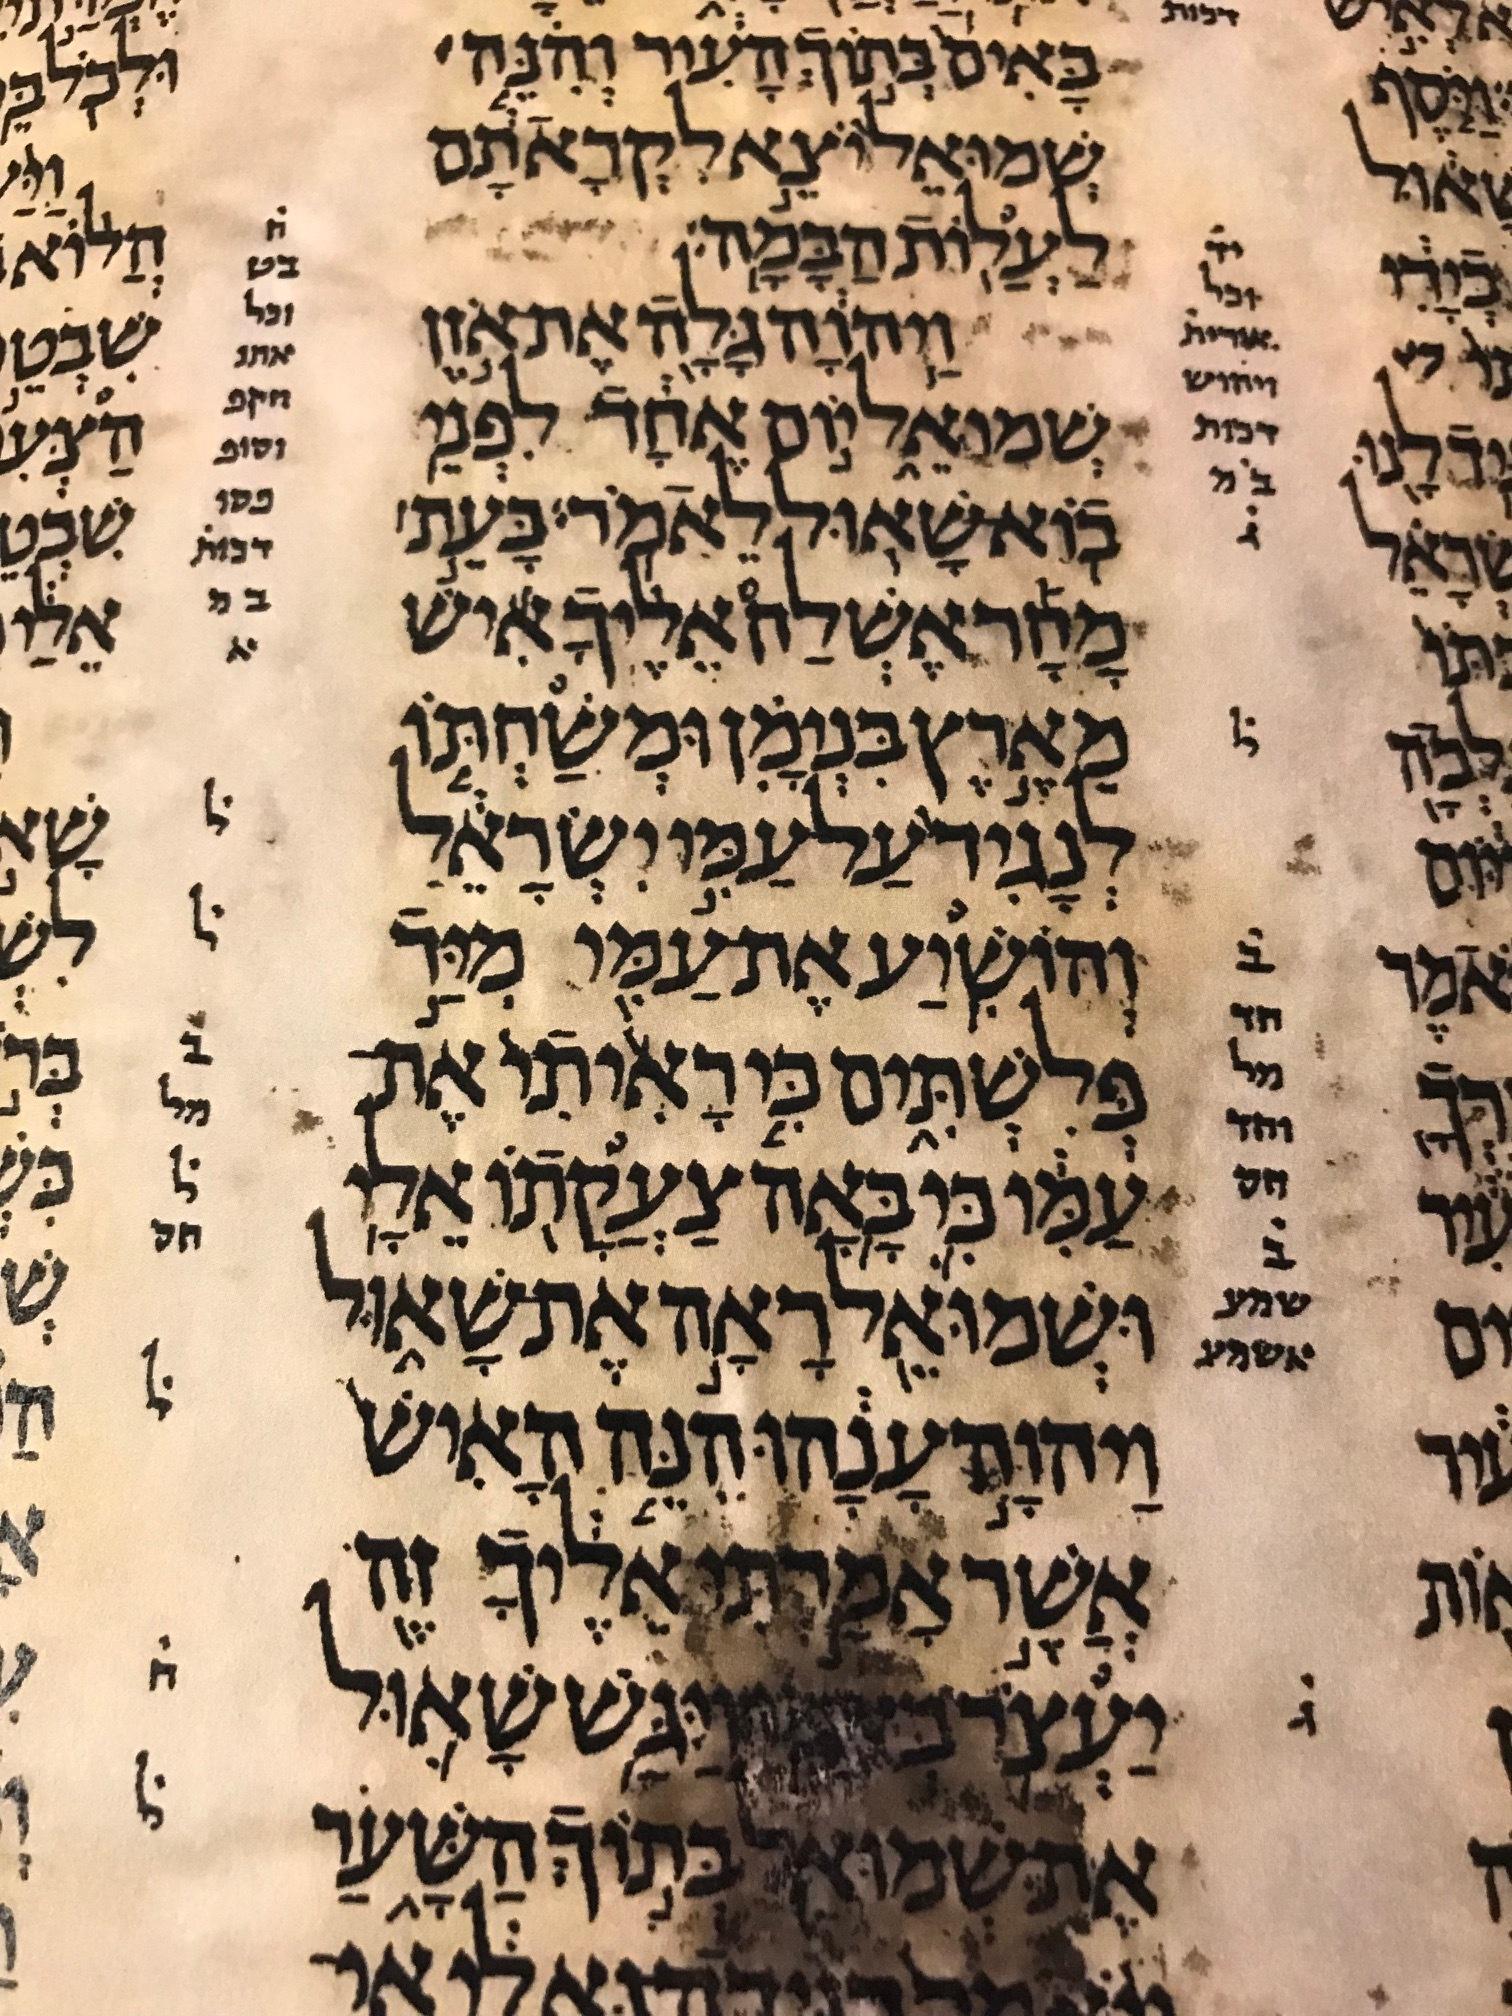 Aleppo Codex